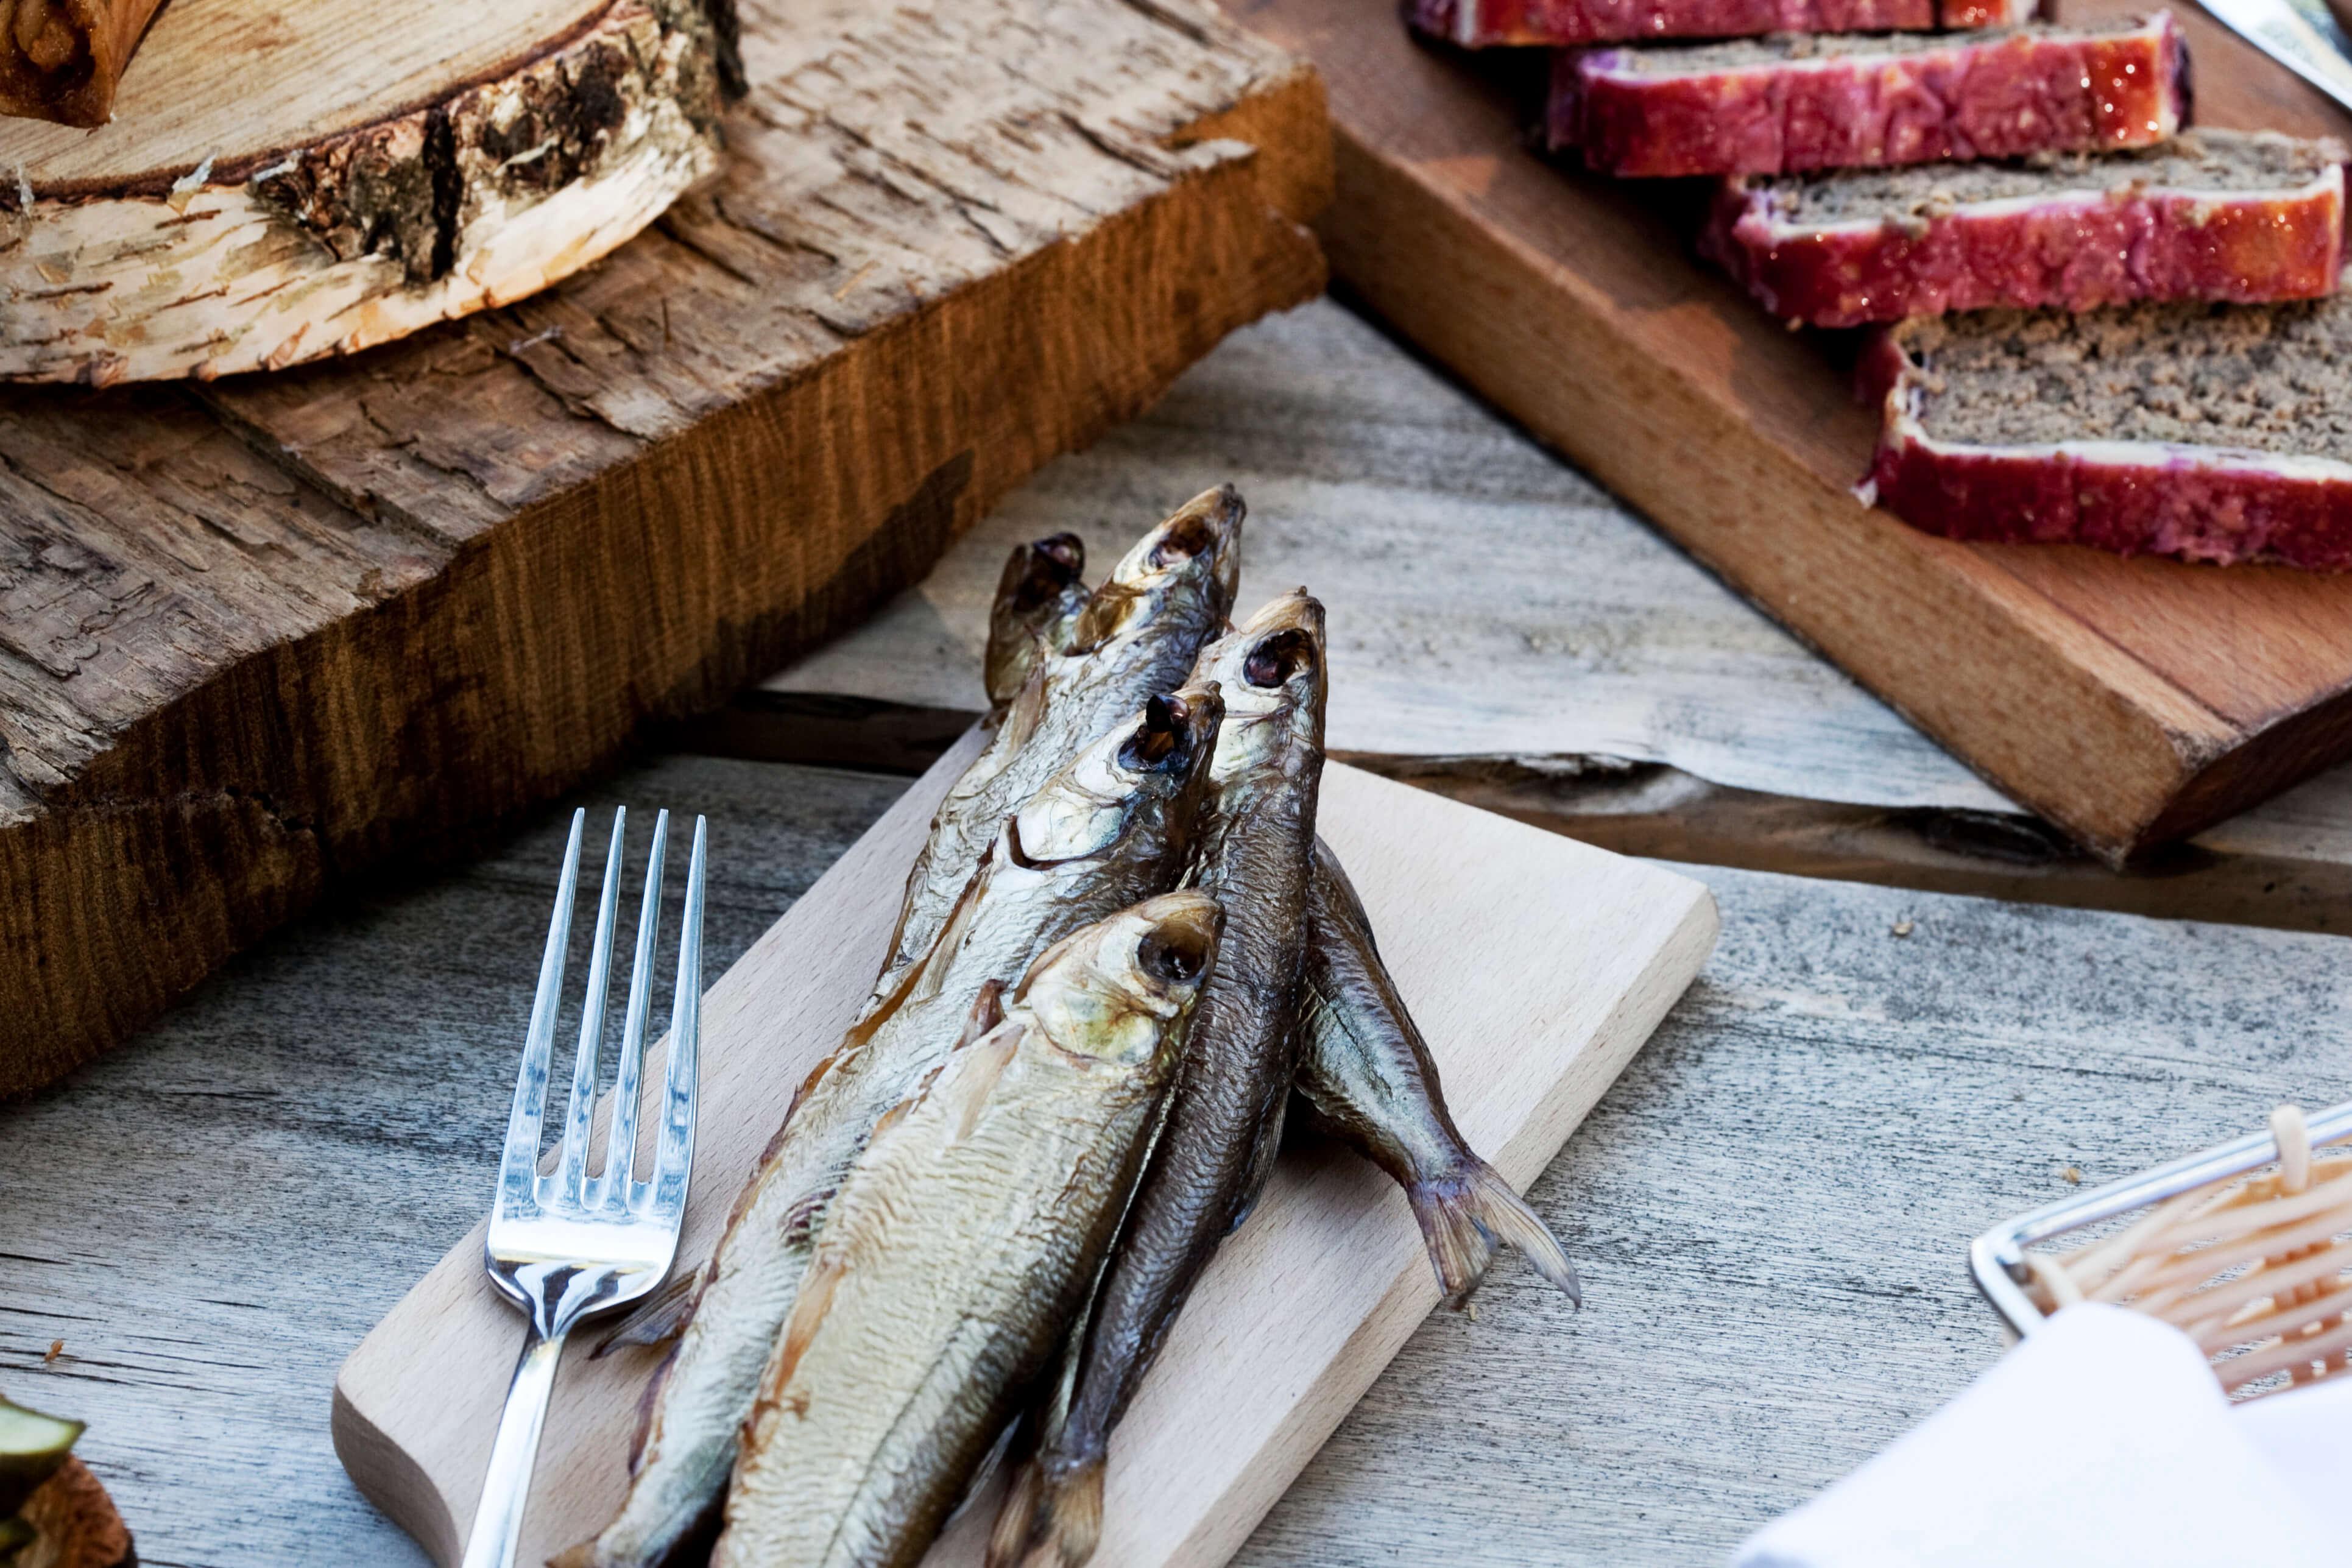 Fot. Joanna Ogórek 3 - Smaczne ryby w Pomorskim